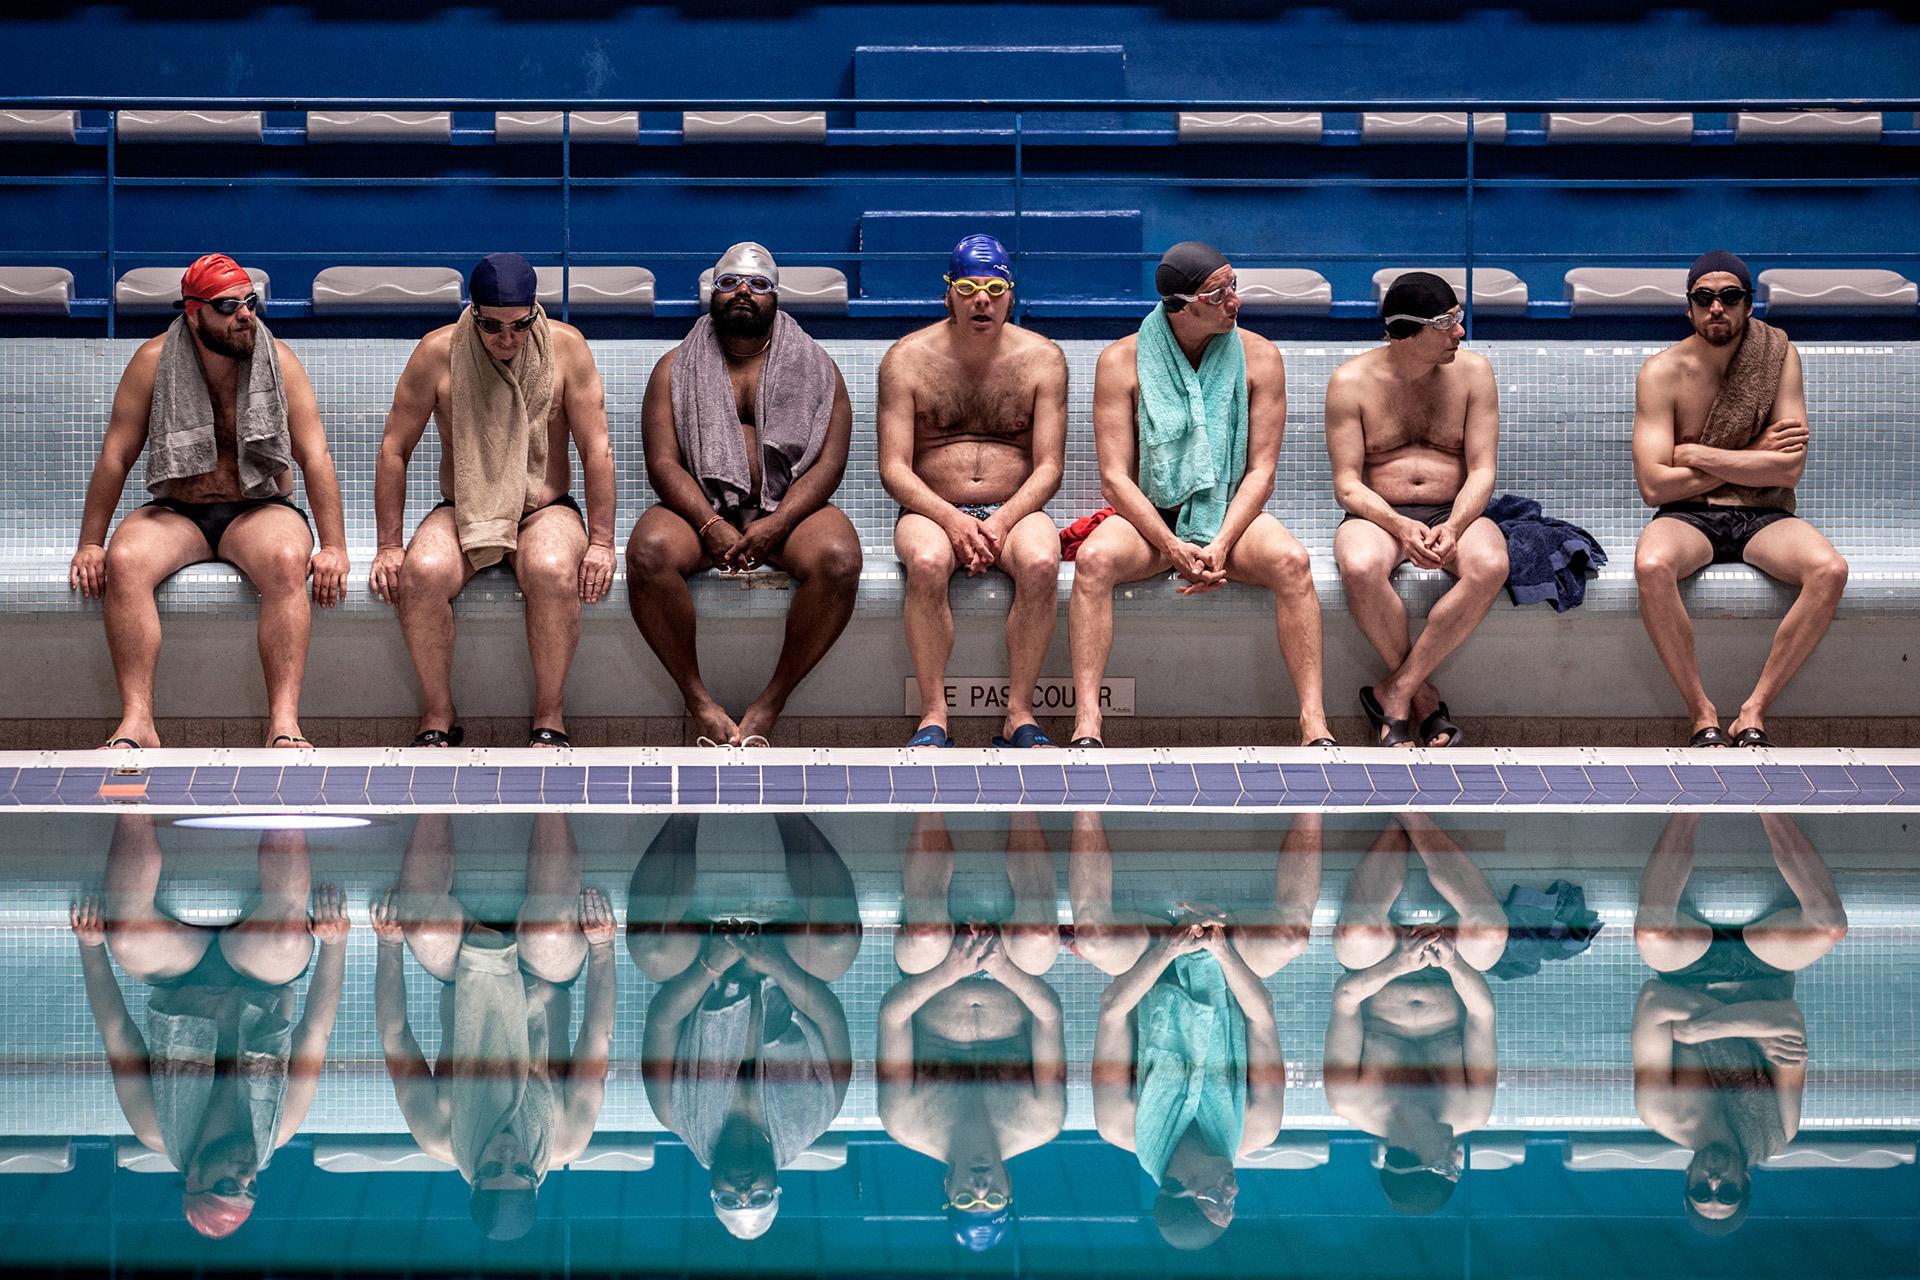 Em cena de 'Um Banho de Vida', equipe masculina do nado sincronizado passa por apuro